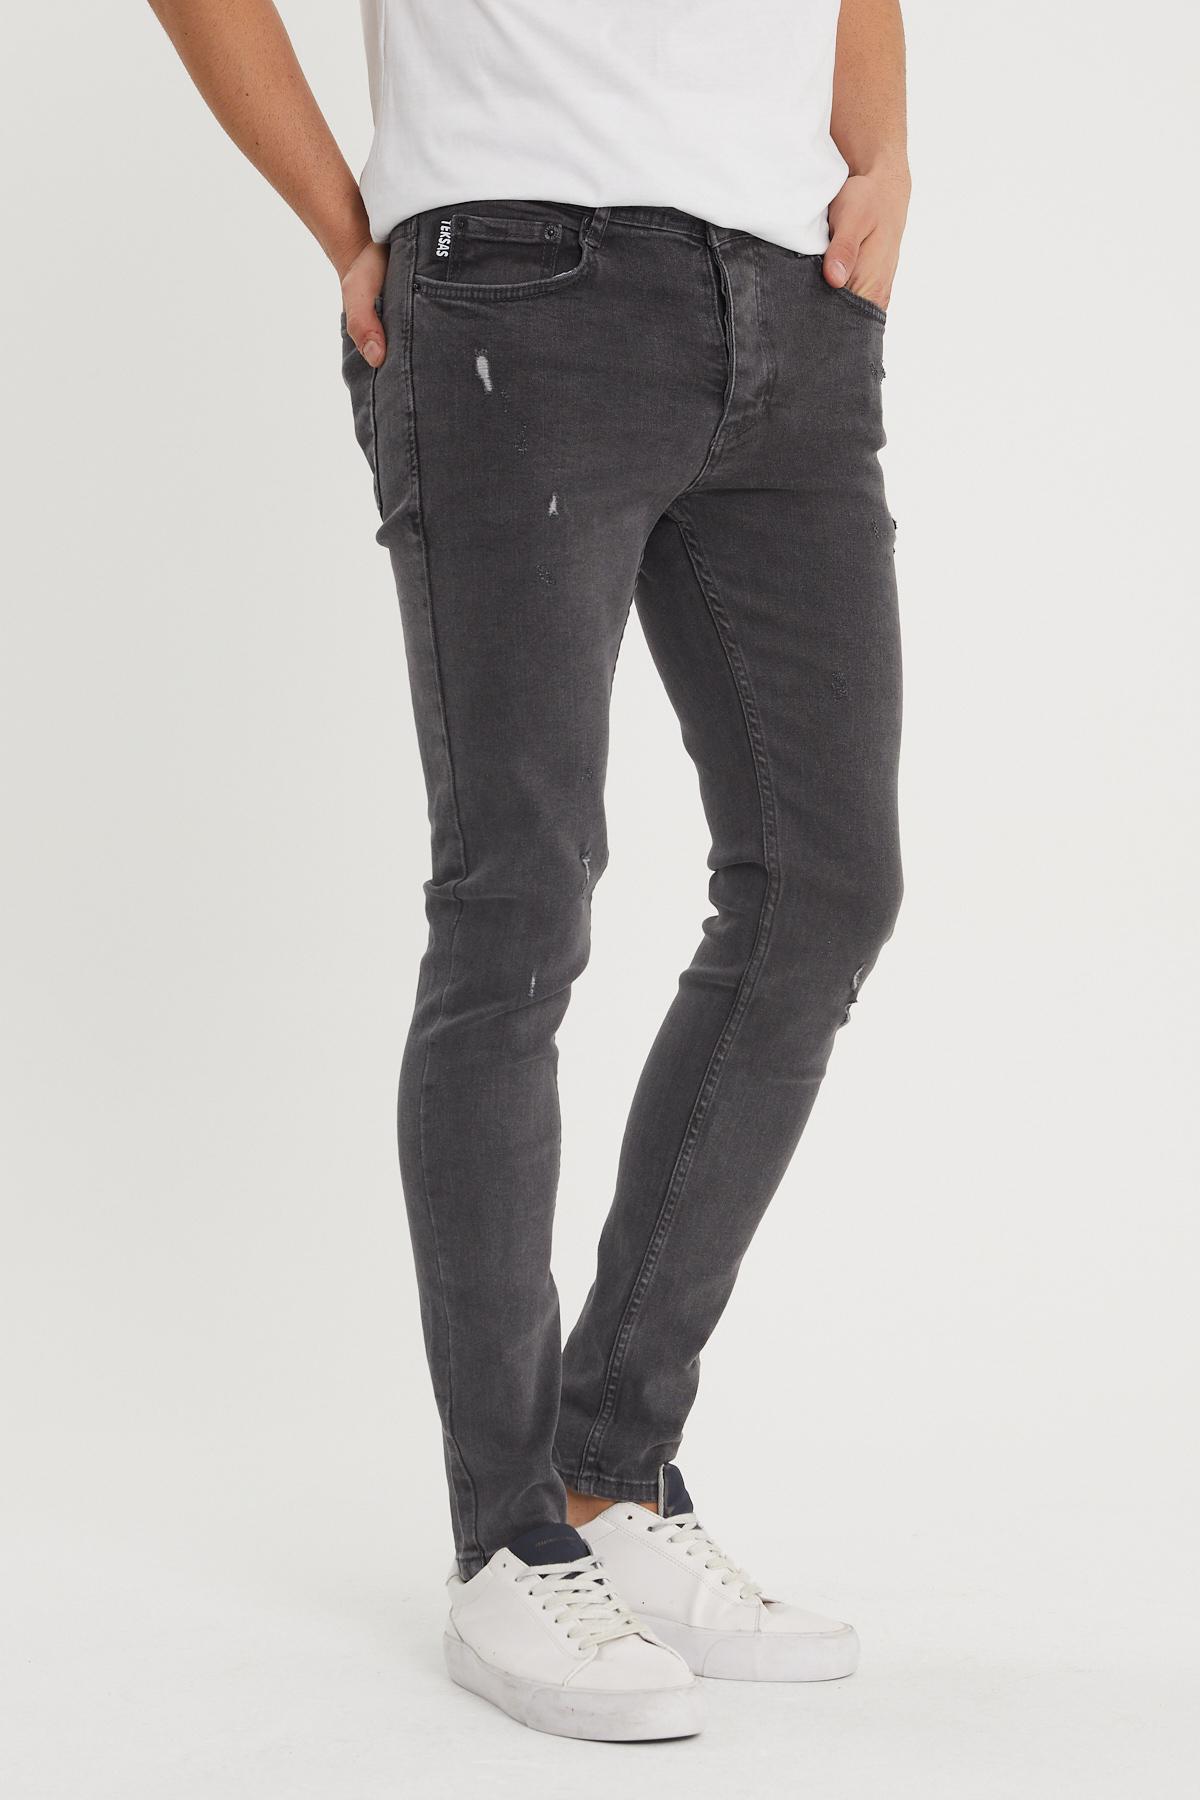 XHAN - Gri Slim Fit Jean Pantolon 1KXE5-44350-03